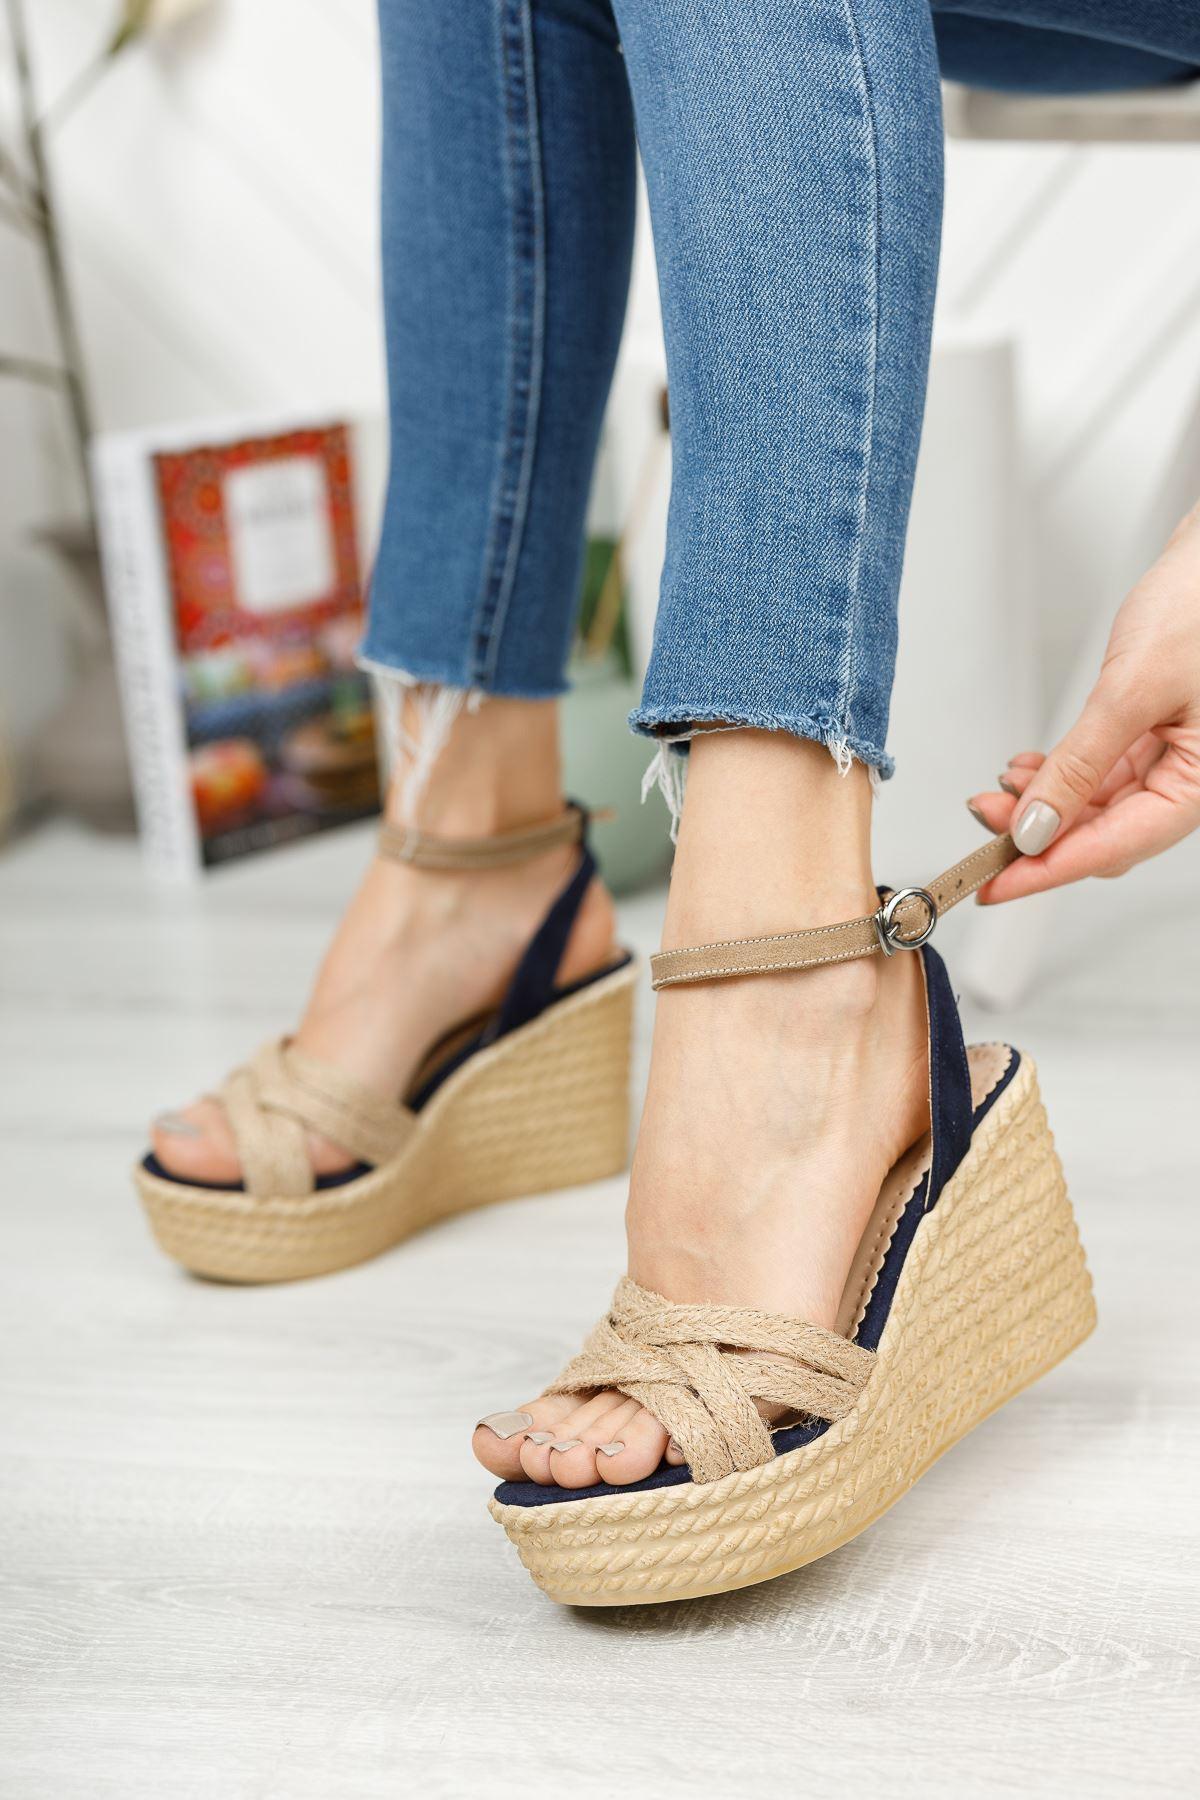 Lacivert Süet Hasır Yüksek Dolgu Topuklu Ayakkabı